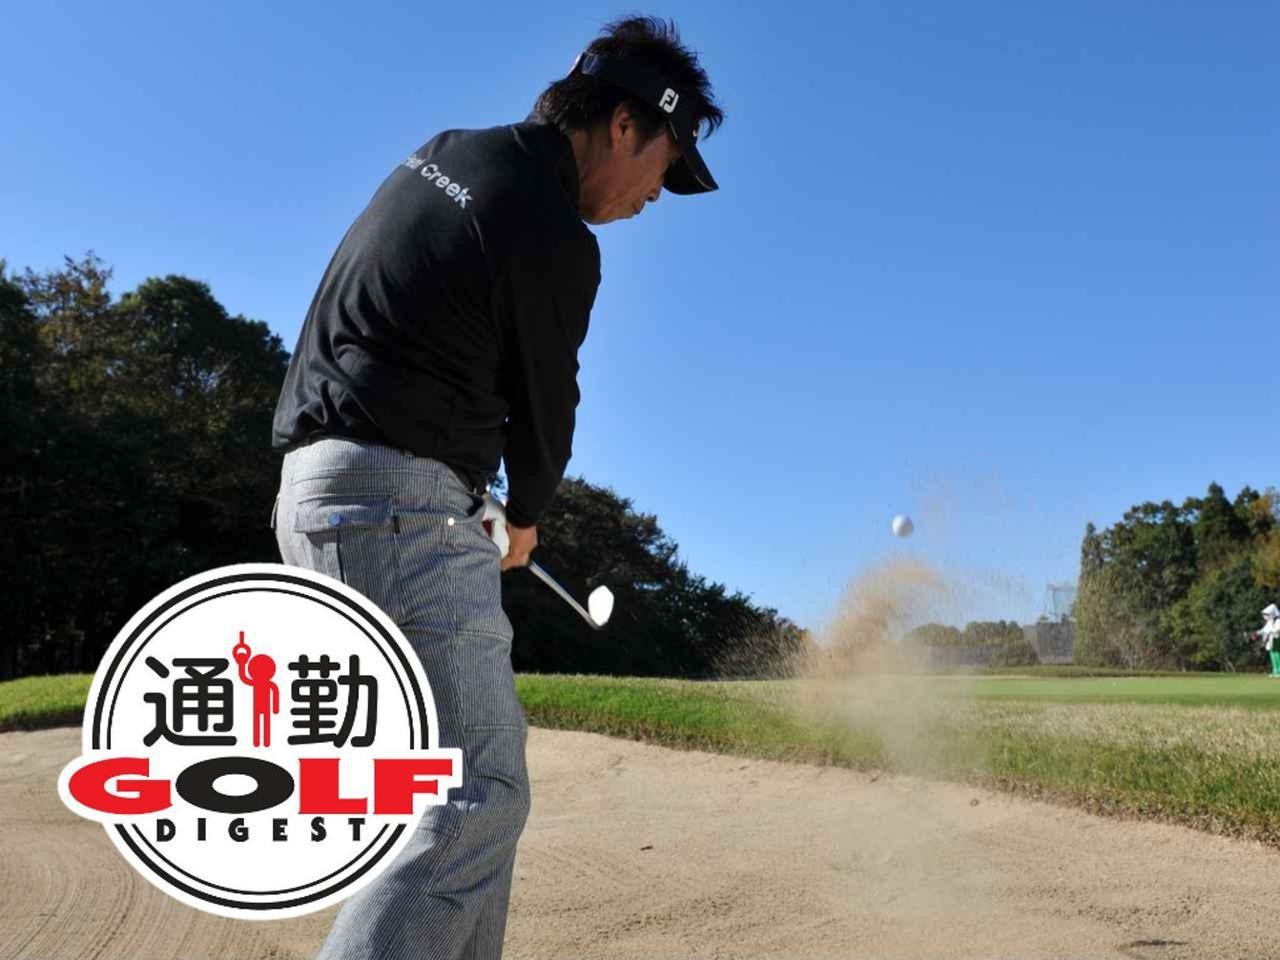 画像: 【通勤GD】海老原清治&奥田靖己 もう一花のゴルフVol.4 とっておきの「1㍎バンカー」練習 ゴルフダイジェストWEB - ゴルフへ行こうWEB by ゴルフダイジェスト